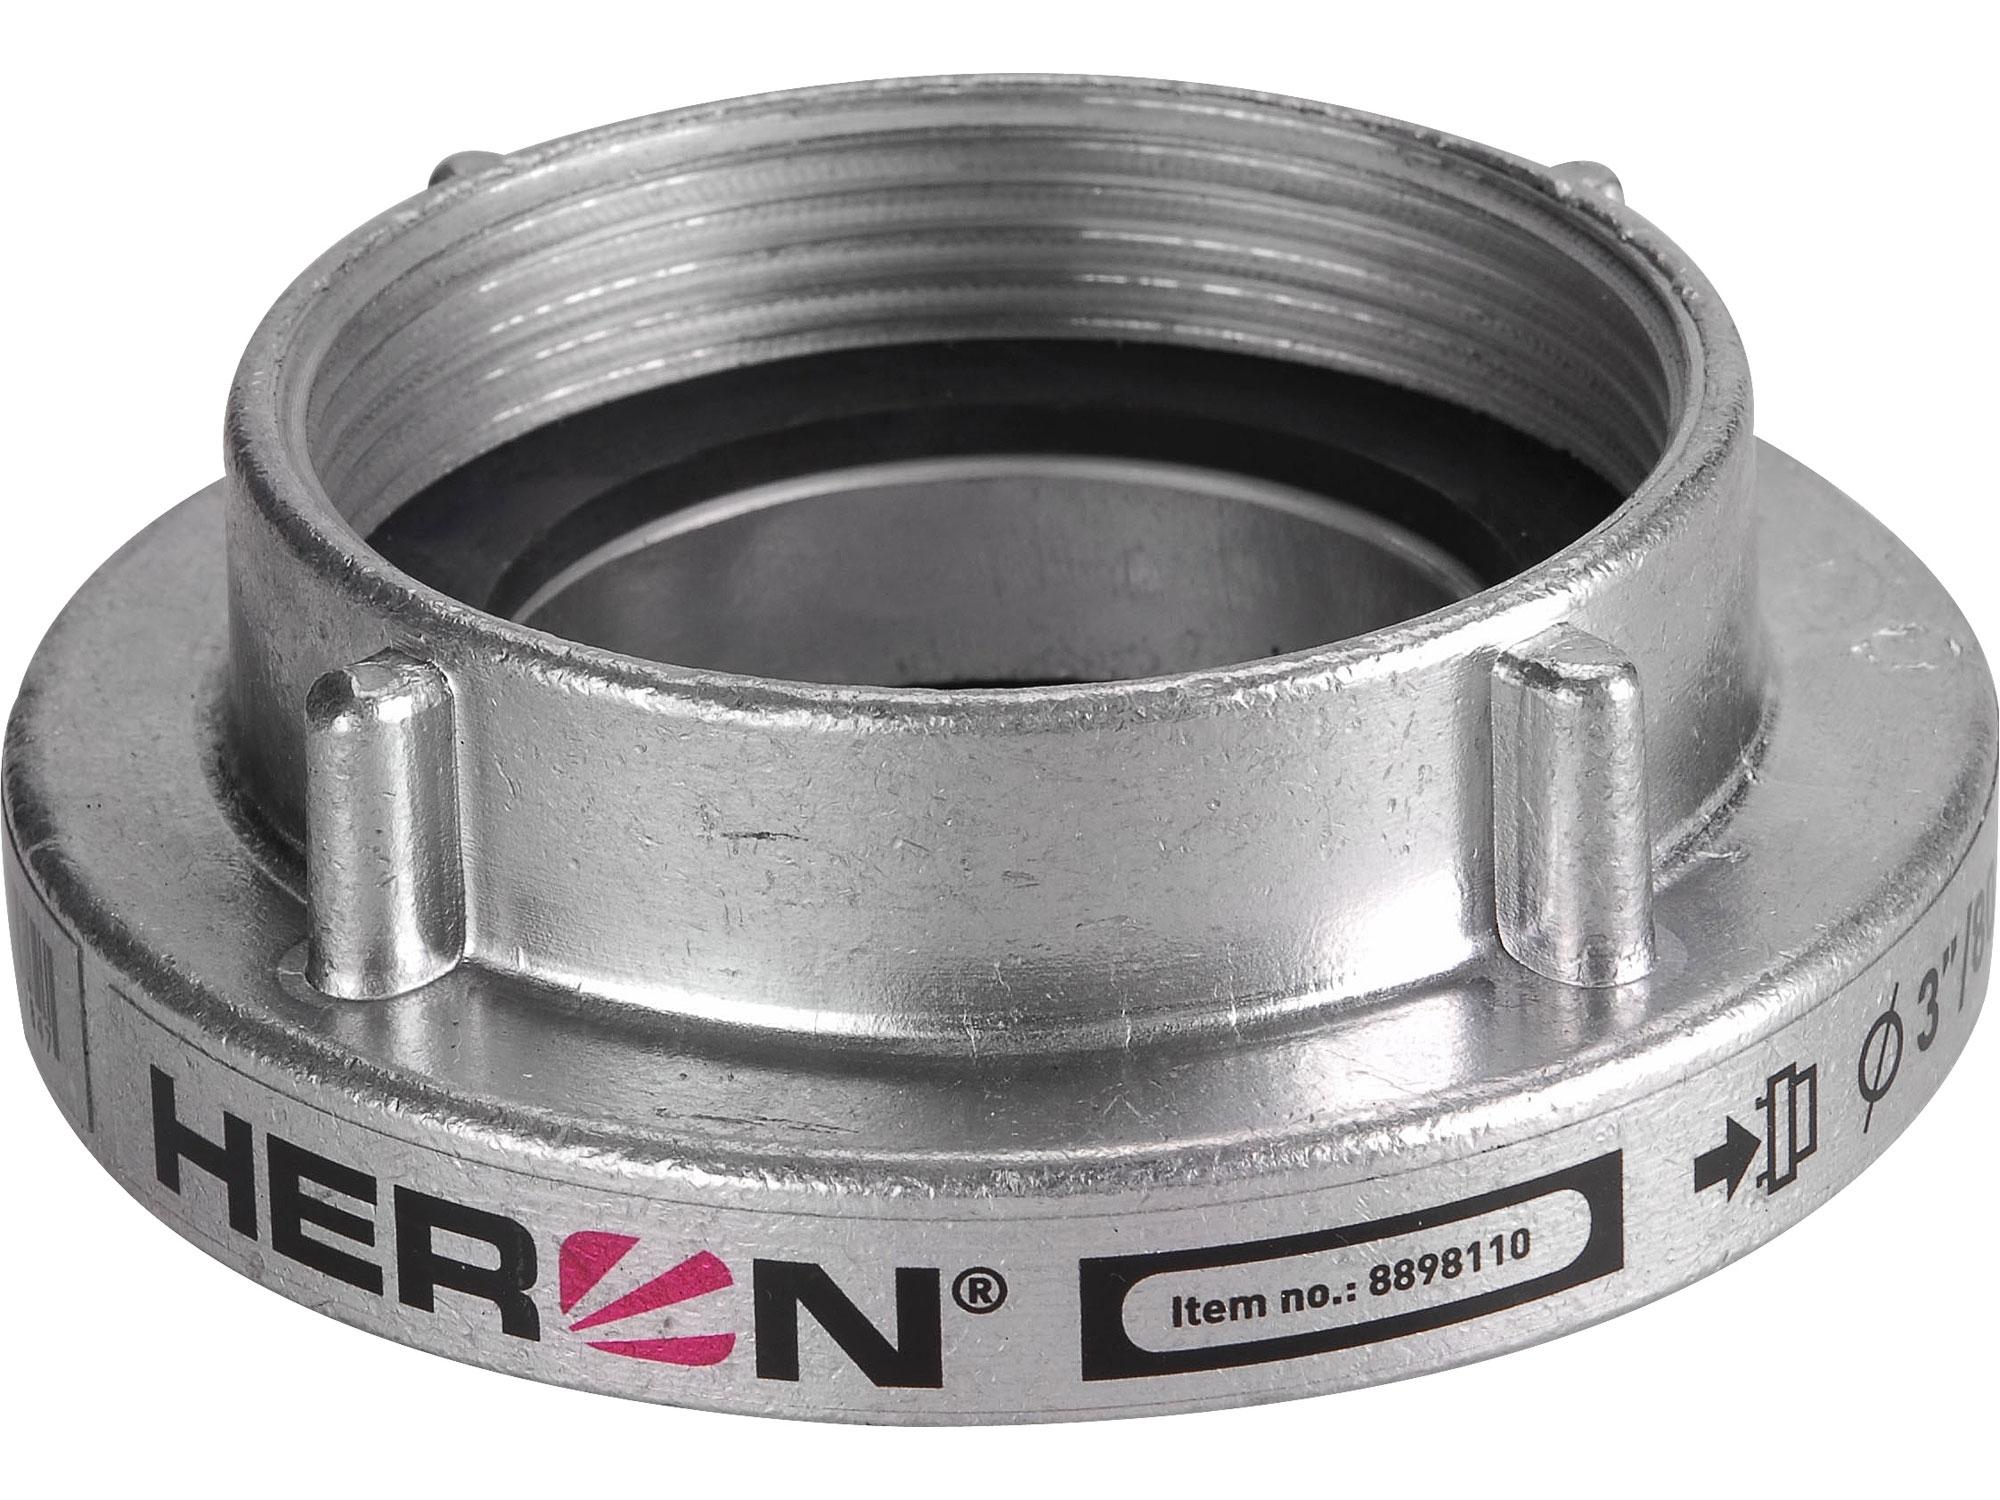 """spojka B75 pevná vnitřní závit W tlakové/sací těsnění, 3"""" (80mm), HERON 8898110"""